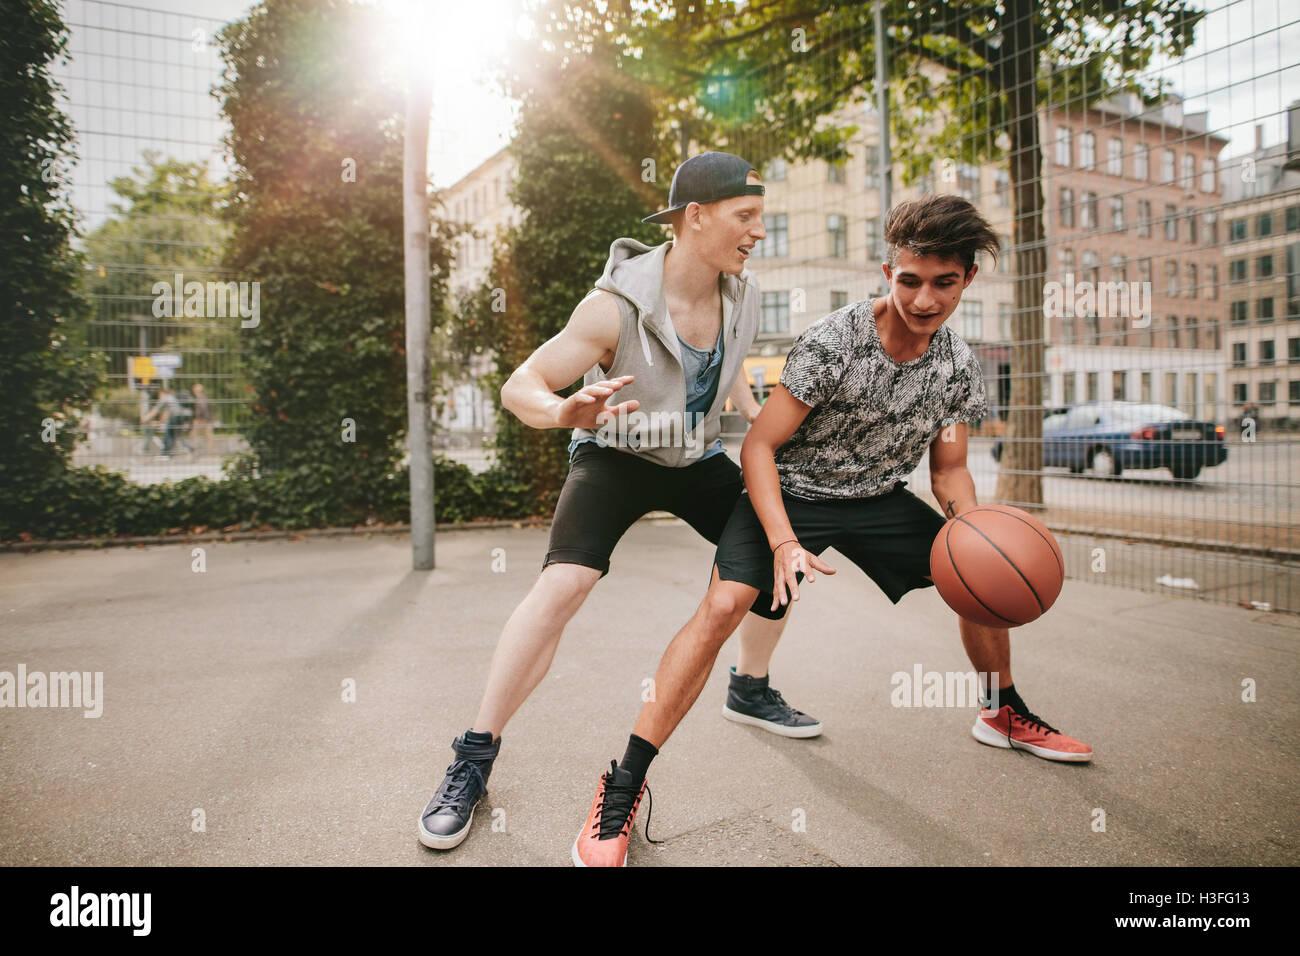 Adolescents jouant au basket-ball sur une cour et d'avoir du plaisir. Young man dribbling basketball avec ami Photo Stock